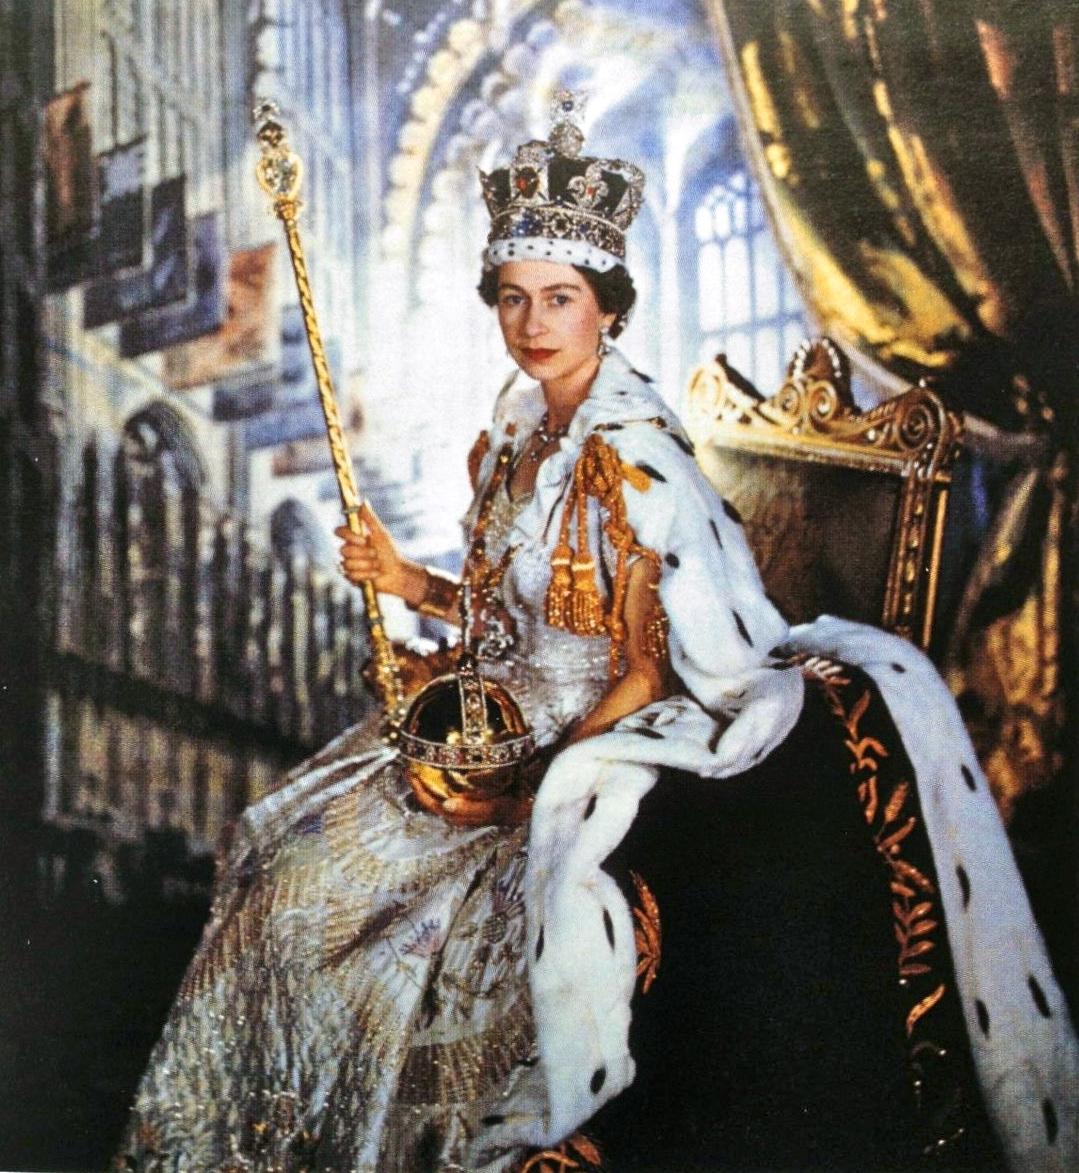 famille egger la reine elisabeth ii d angleterre. Black Bedroom Furniture Sets. Home Design Ideas